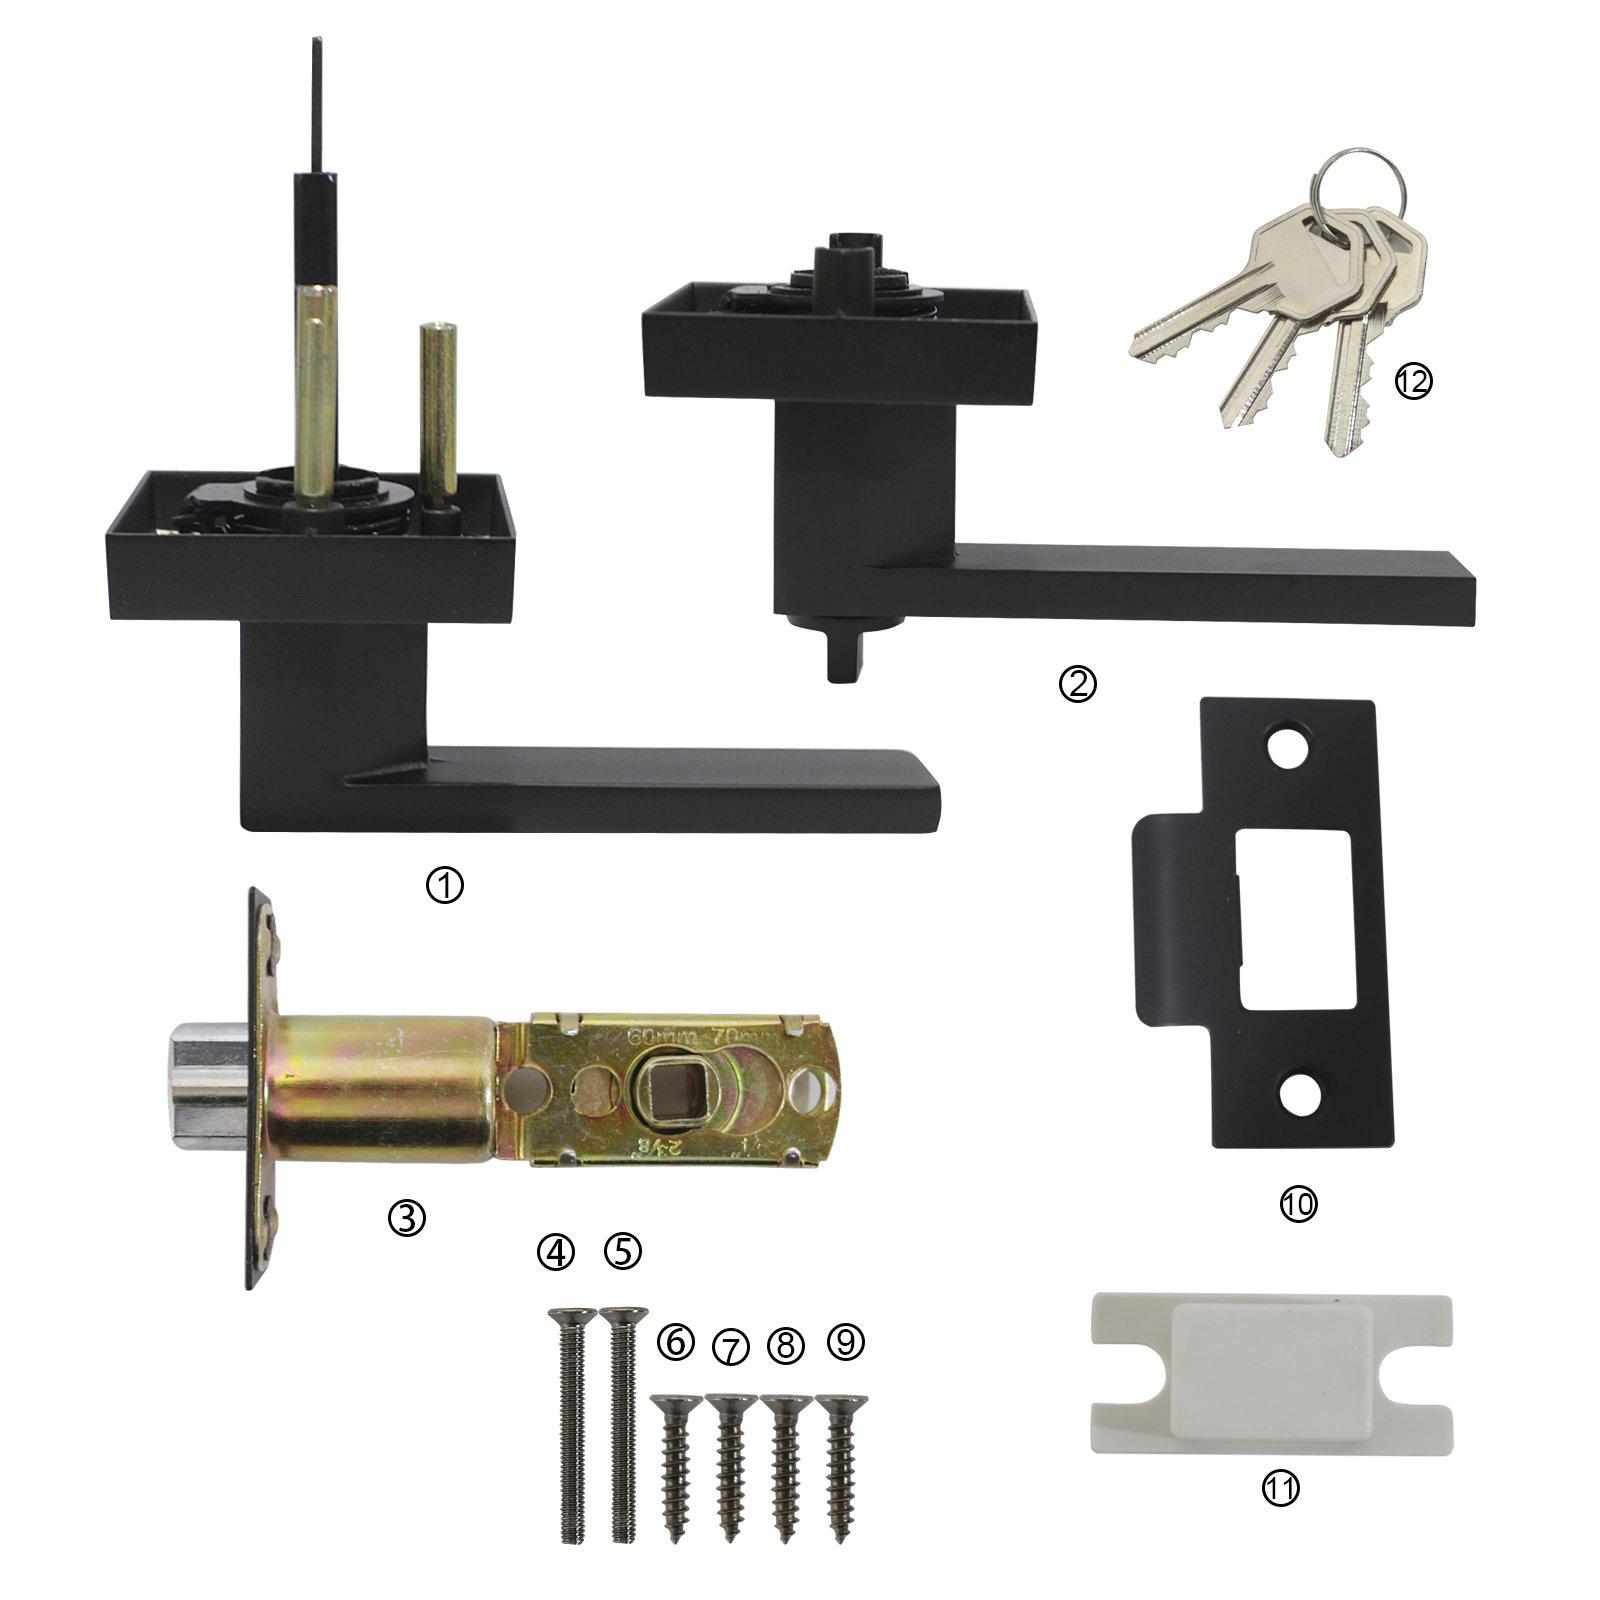 10 Pack Probrico Interior Bedroom Entrance Door Lever Doorknobs Door Lock One Keyway Entry Keyed Alike Same Key Entrance Lockset in Black Each with 3 Keys by Probrico (Image #4)